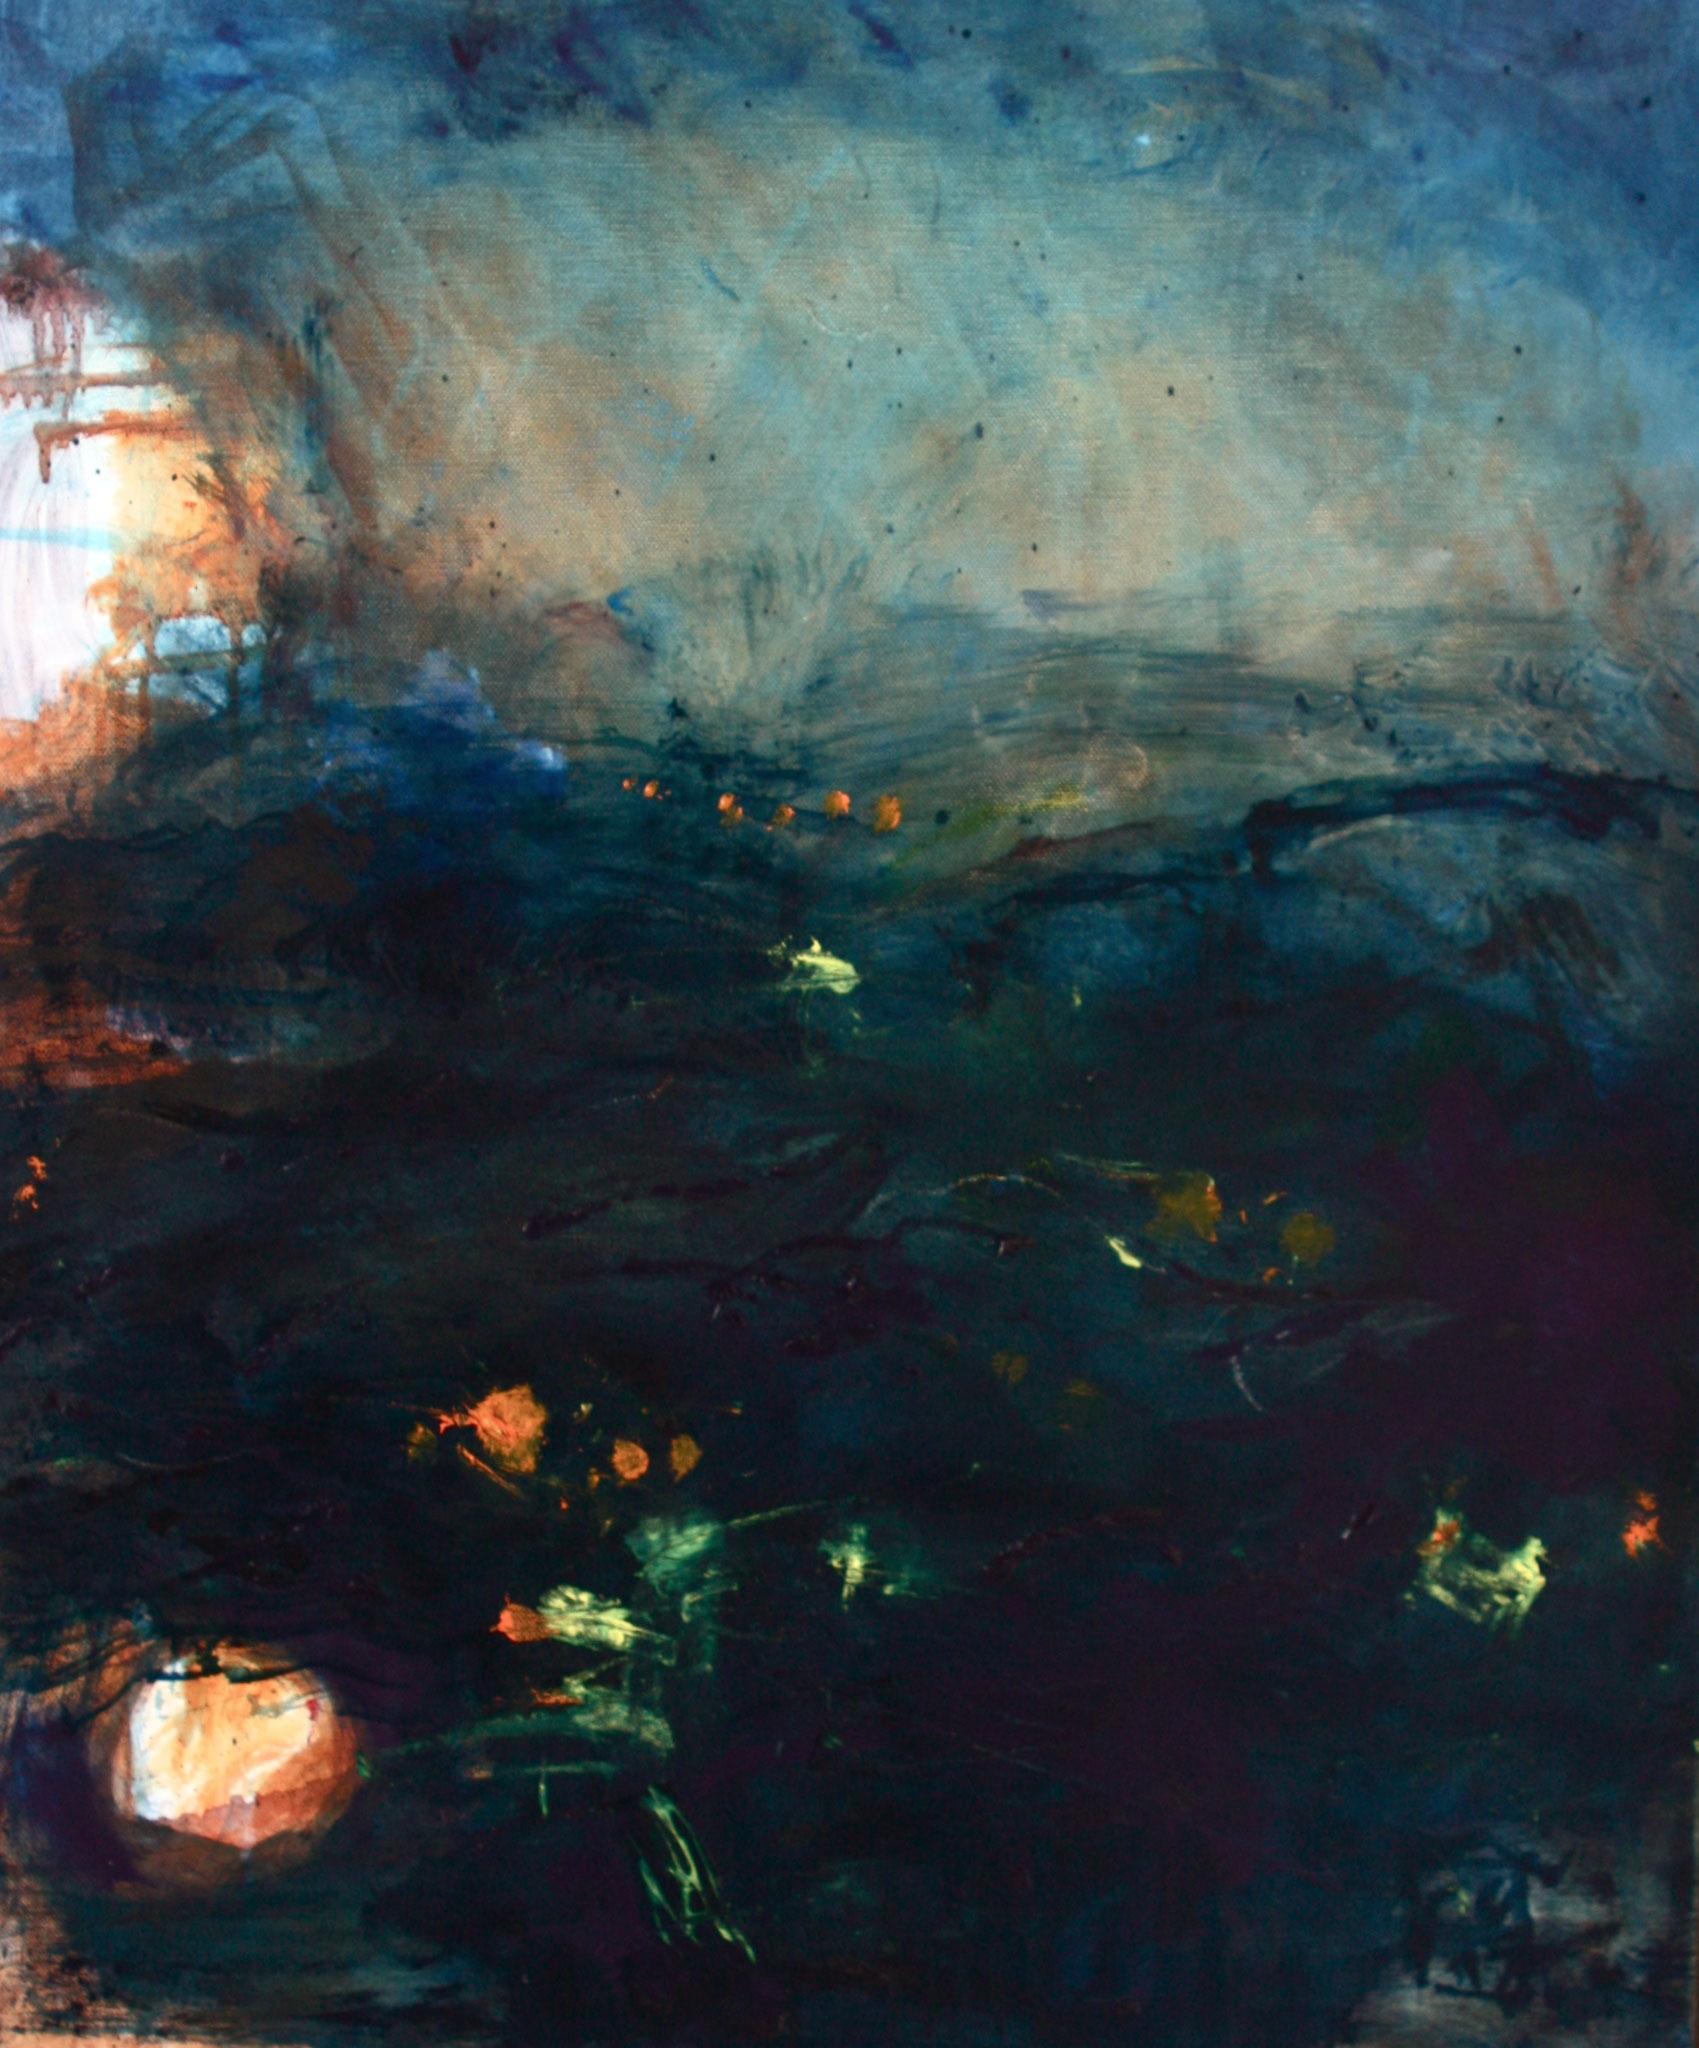 Novembre six heure - 2011 - 70 x 60 cm